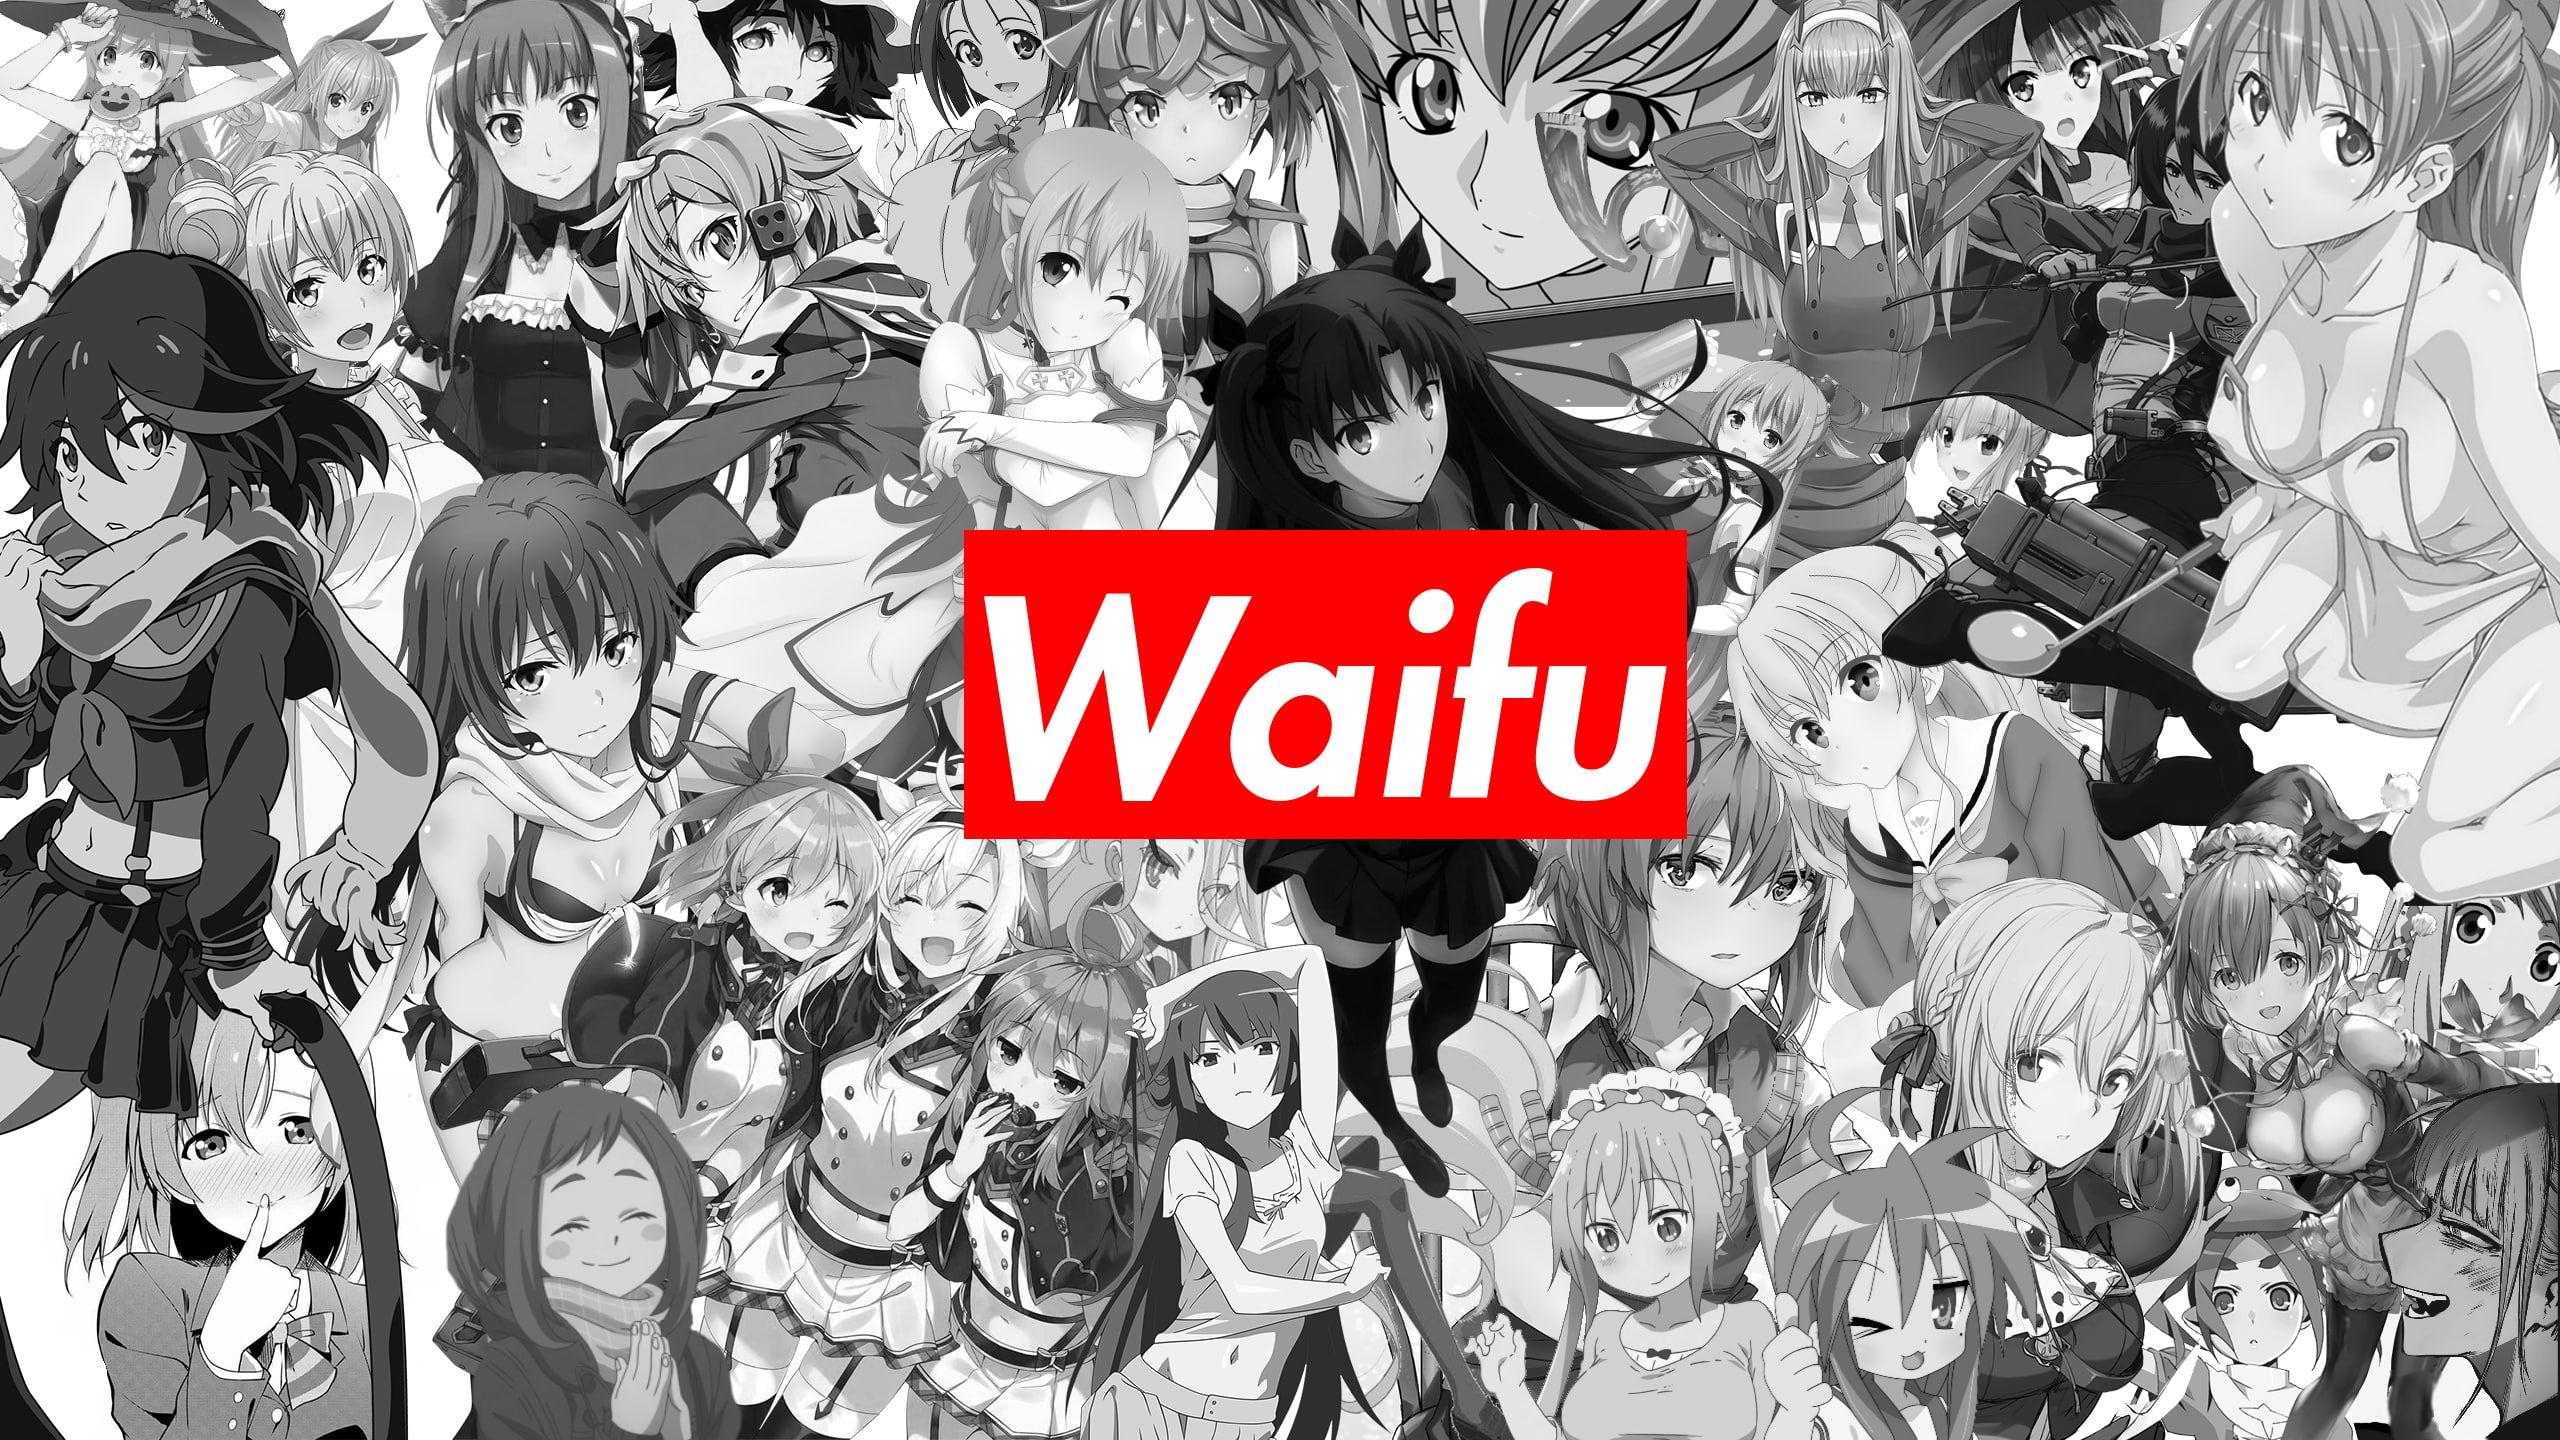 #waifu2x No waifu, no laifu #anime anime girls #monochrome ...